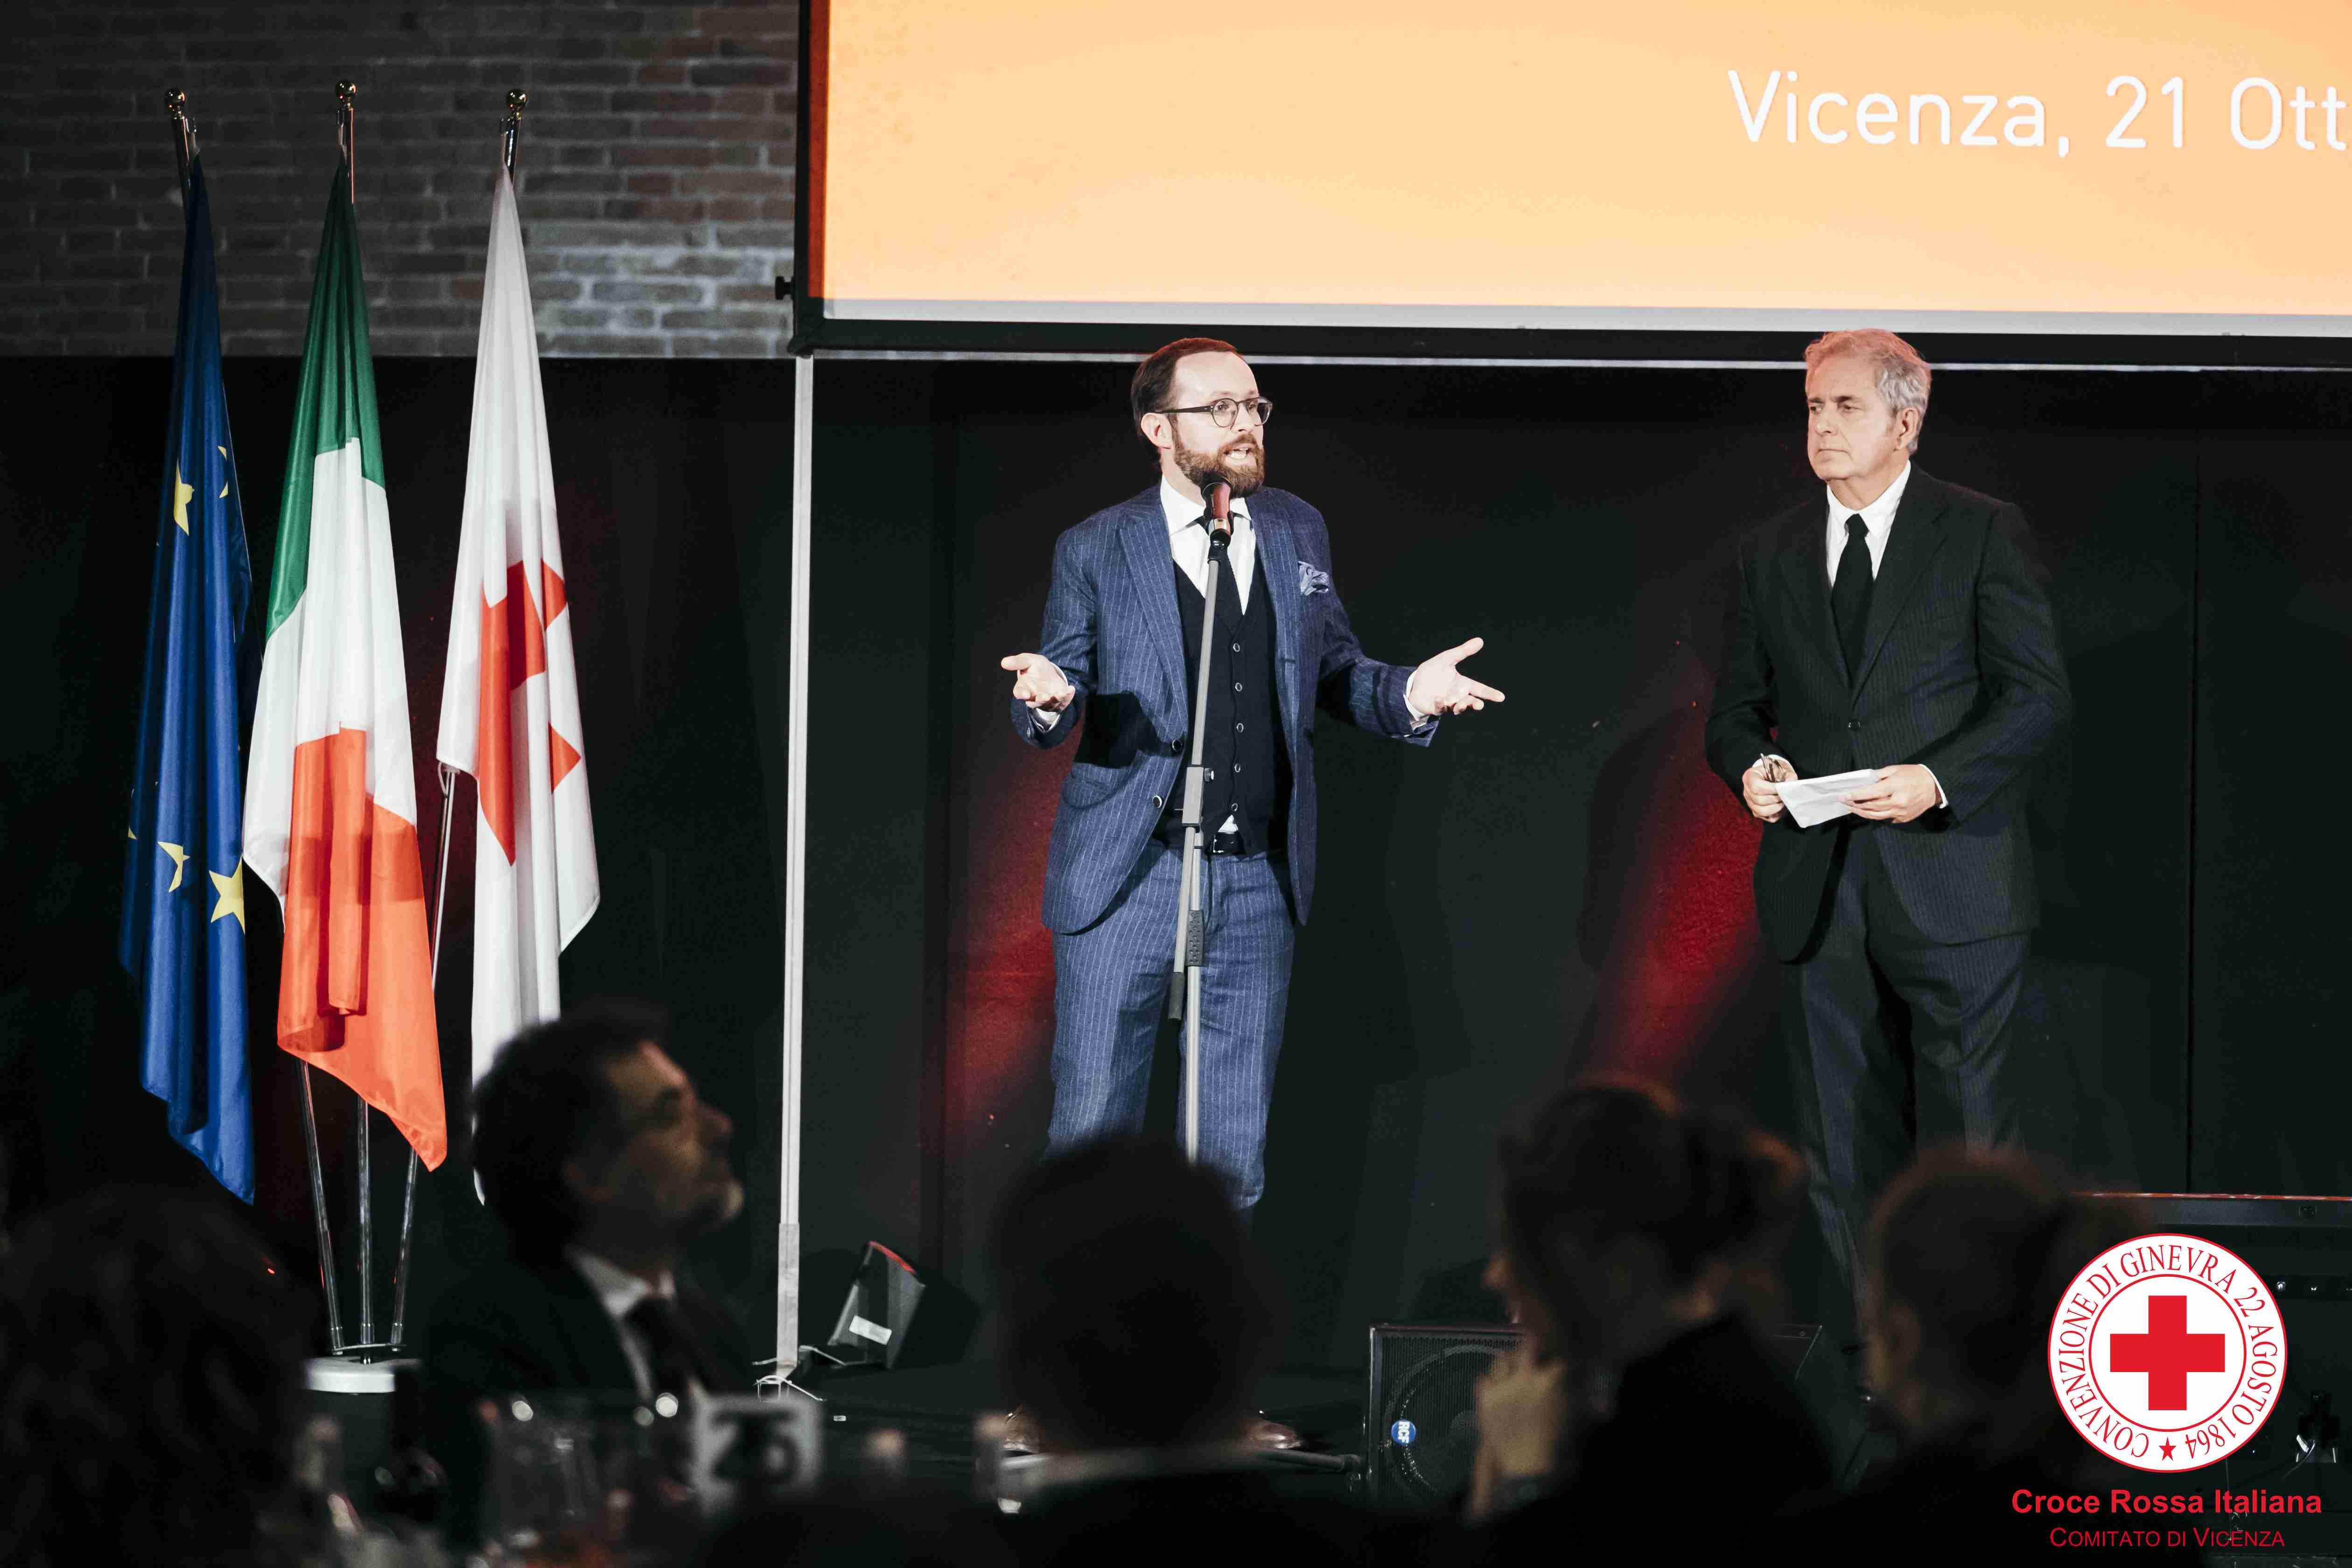 ©Carlo Perazzolo/carloperazzolo.com